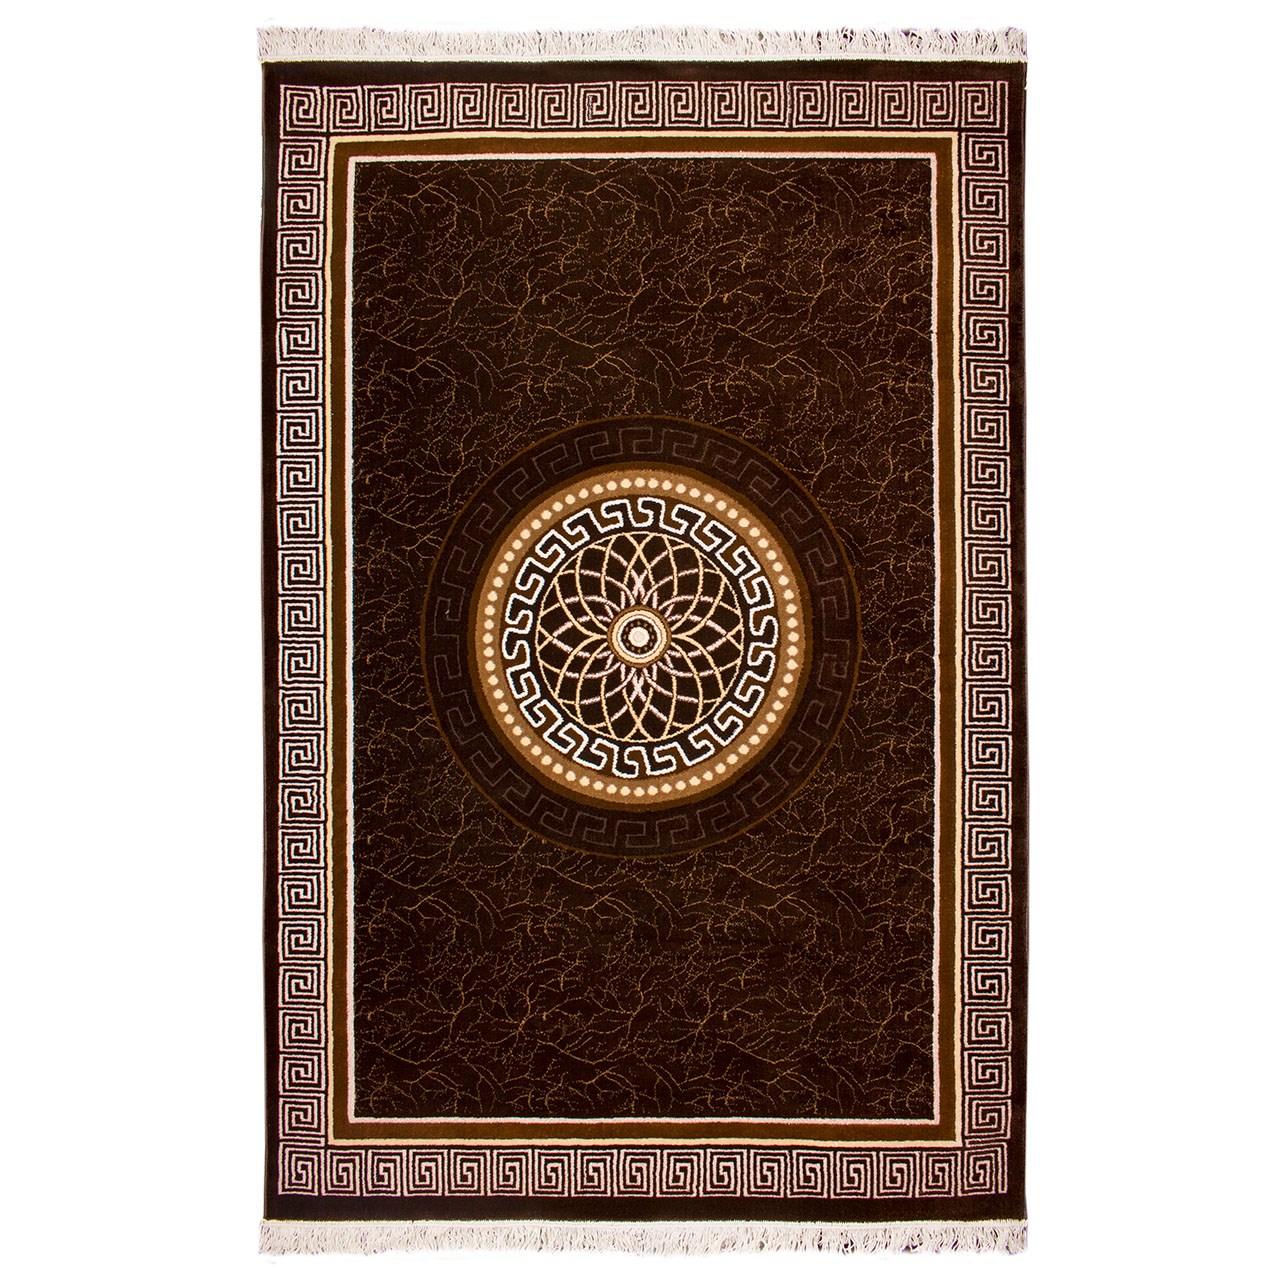 فرش ماشینی قالی دینا طرح ورساچ کد 7080 زمینه قهوه ای